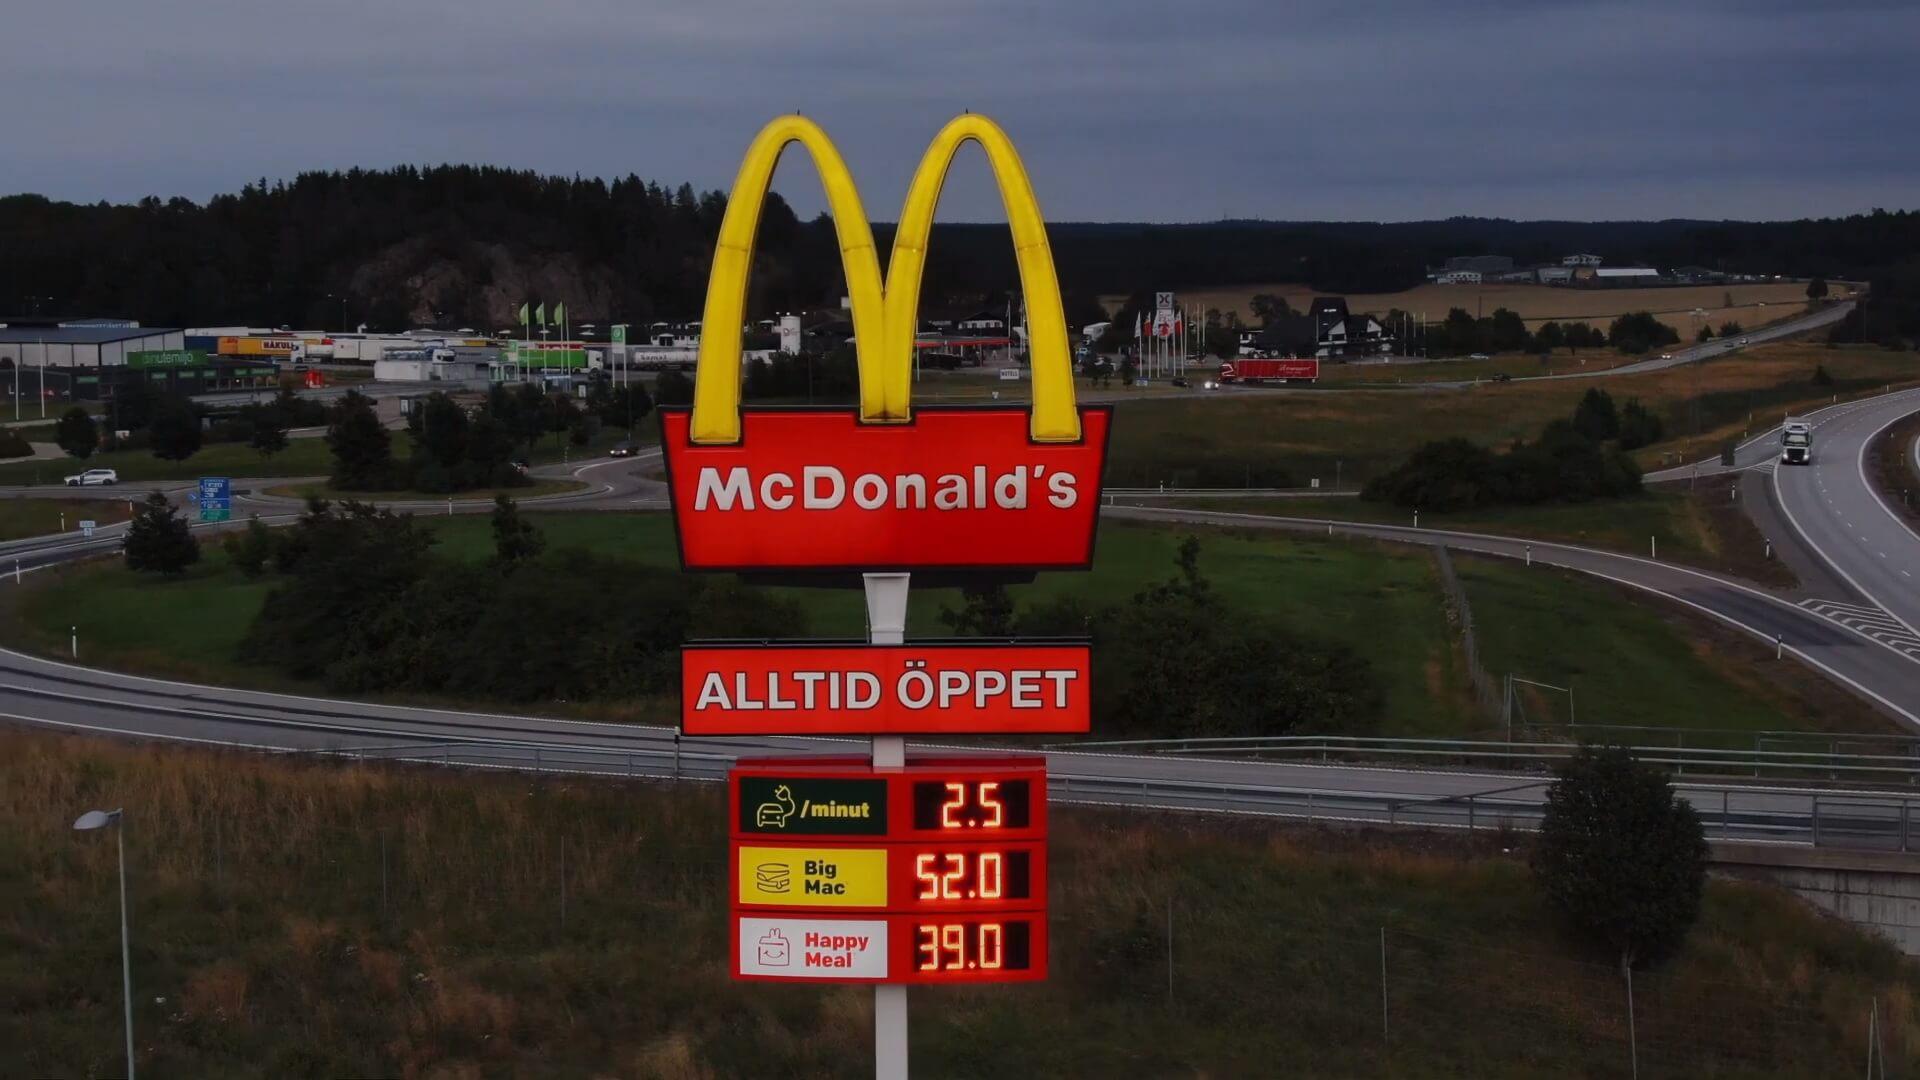 Указатель McDonald's показывает текущую стоимость зарядки, а также цену на Big Mac и Happy Meal